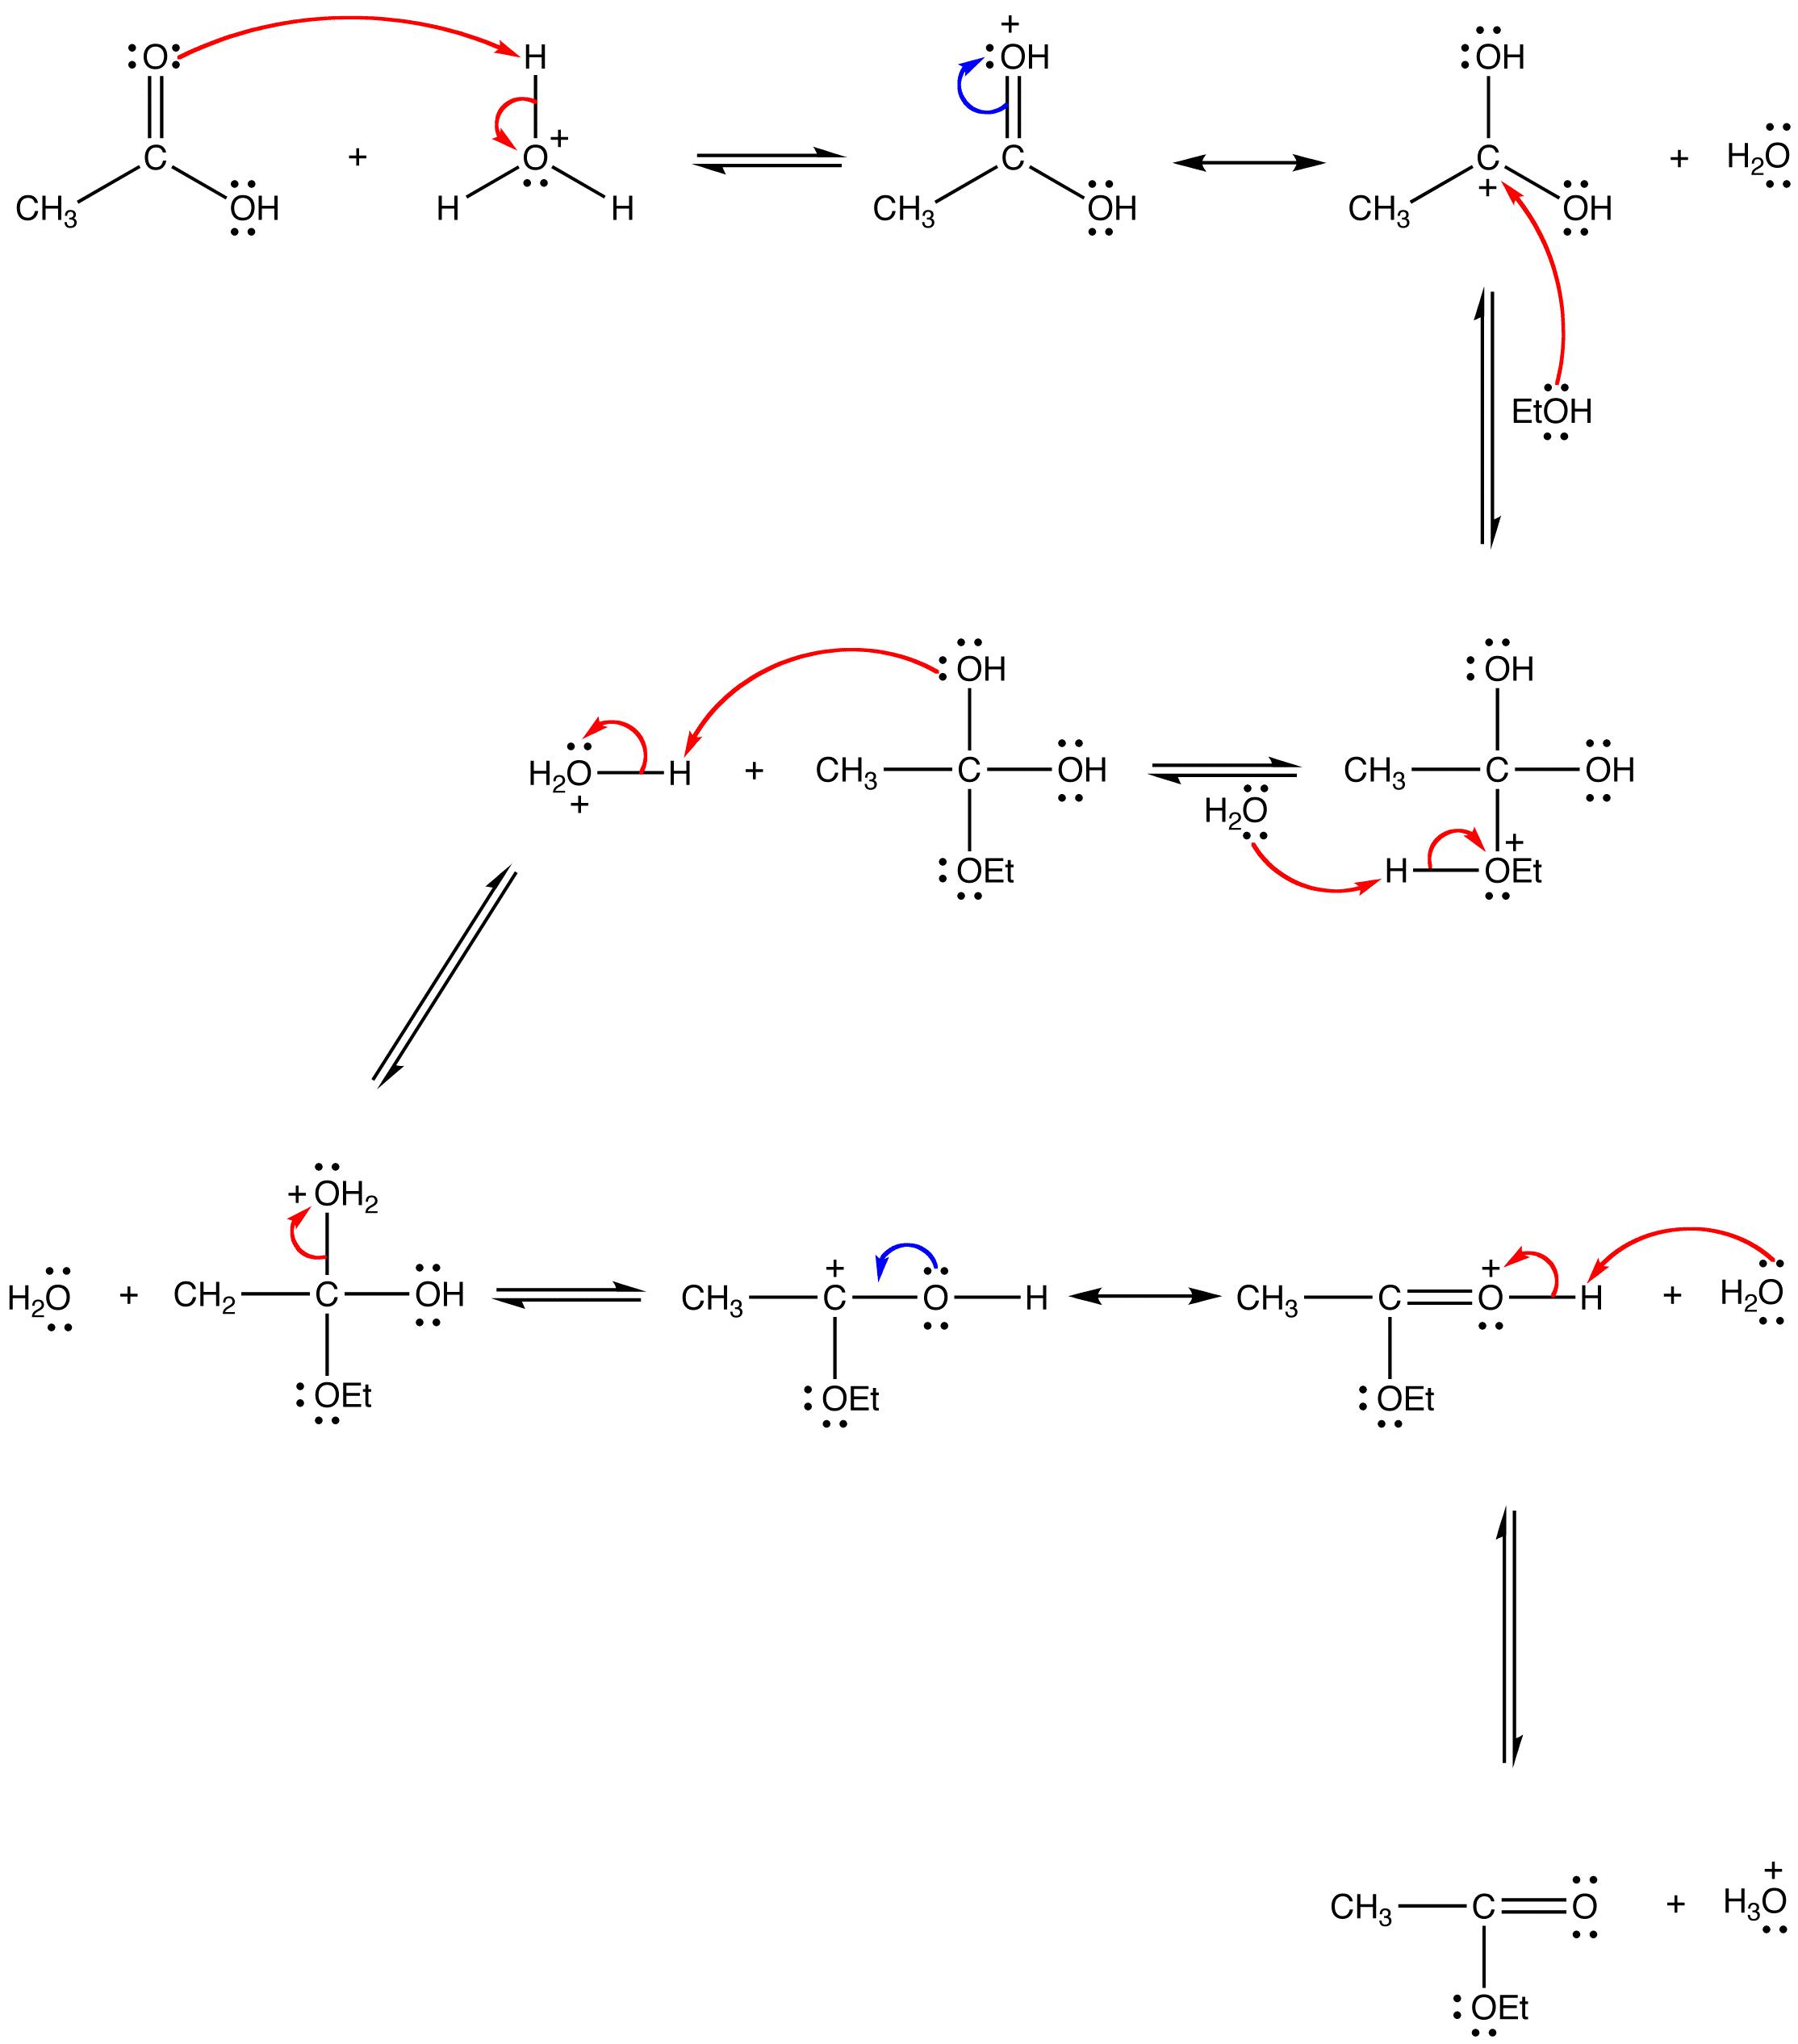 Fischer Esterification Ochempal